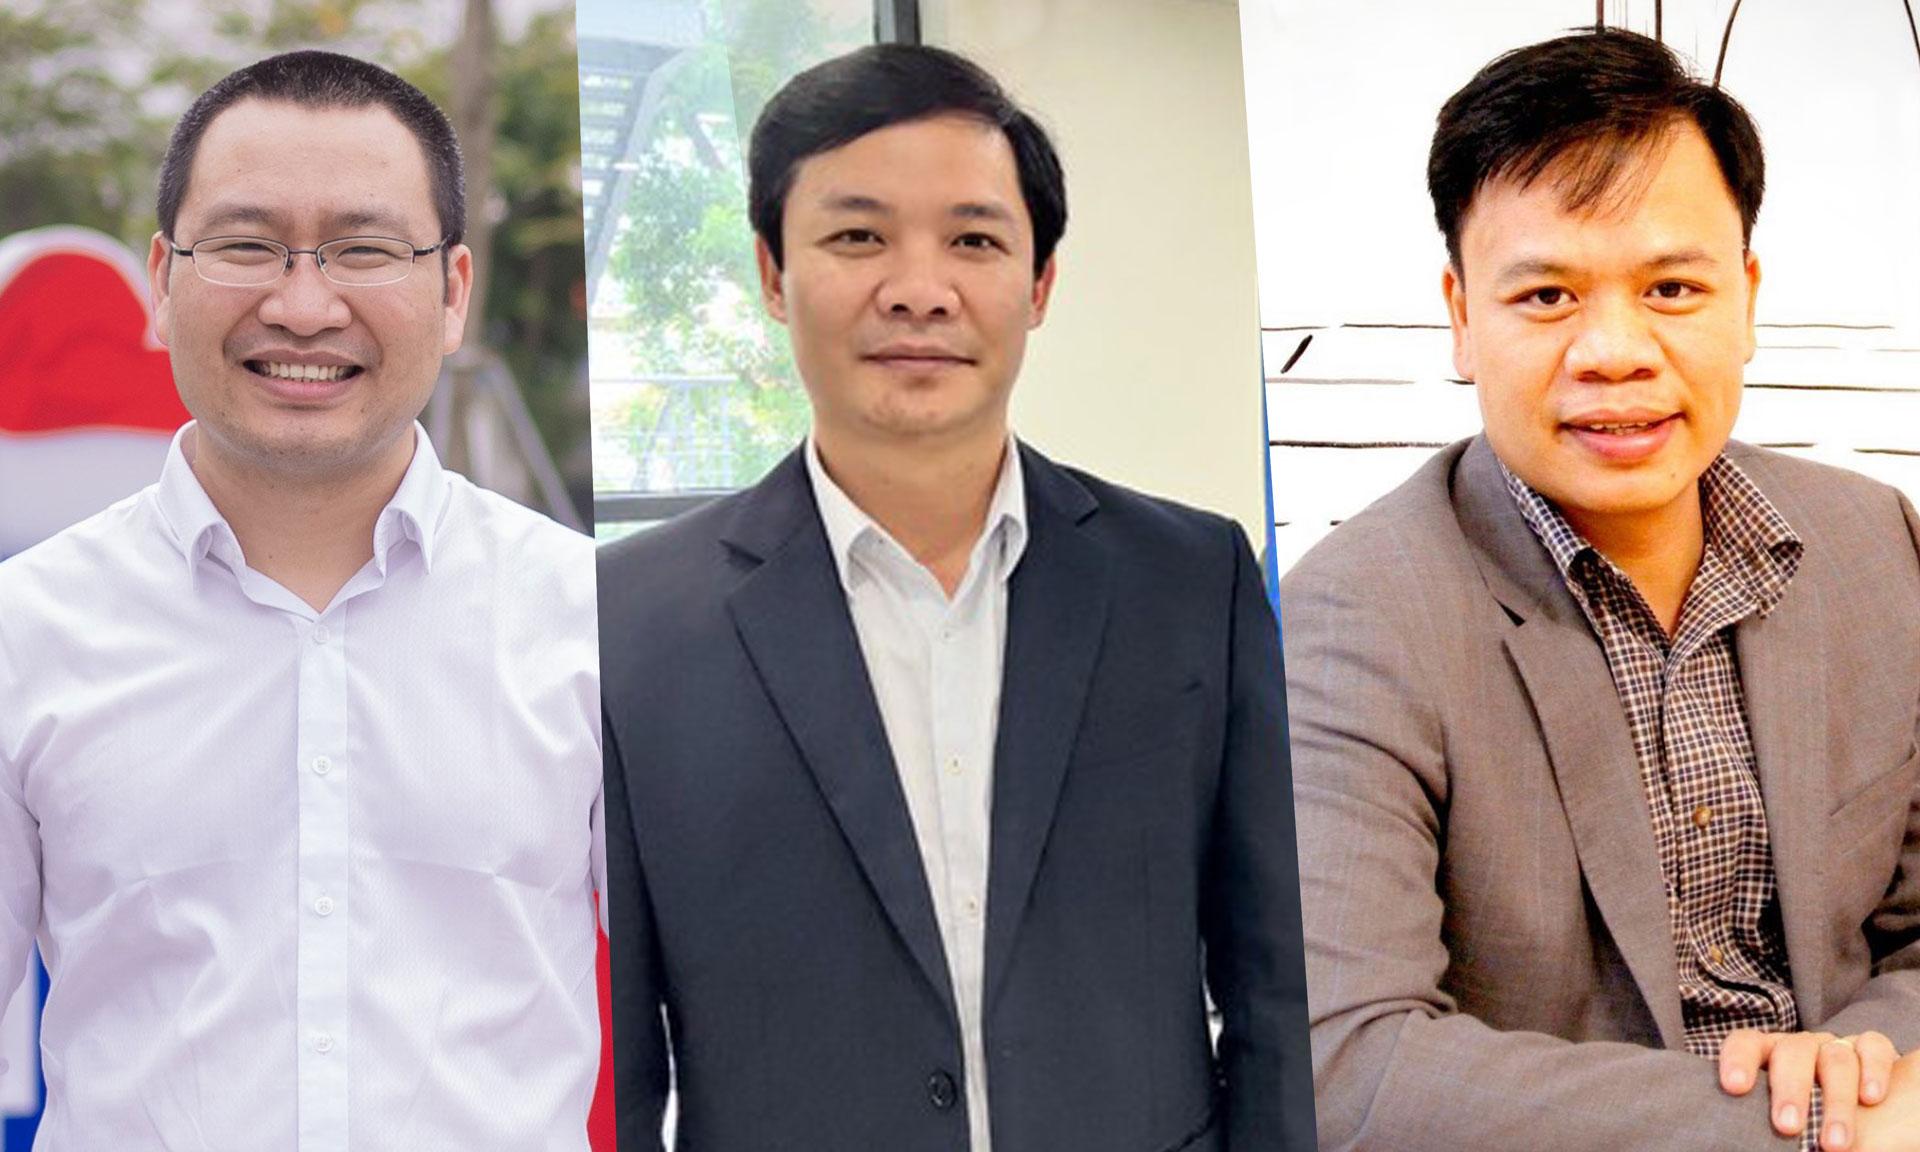 Từ trái qua phải: Ông Lê Anh Sơn, ông Nguyễn Trường Nam, ông Nguyễn Thế Trung.